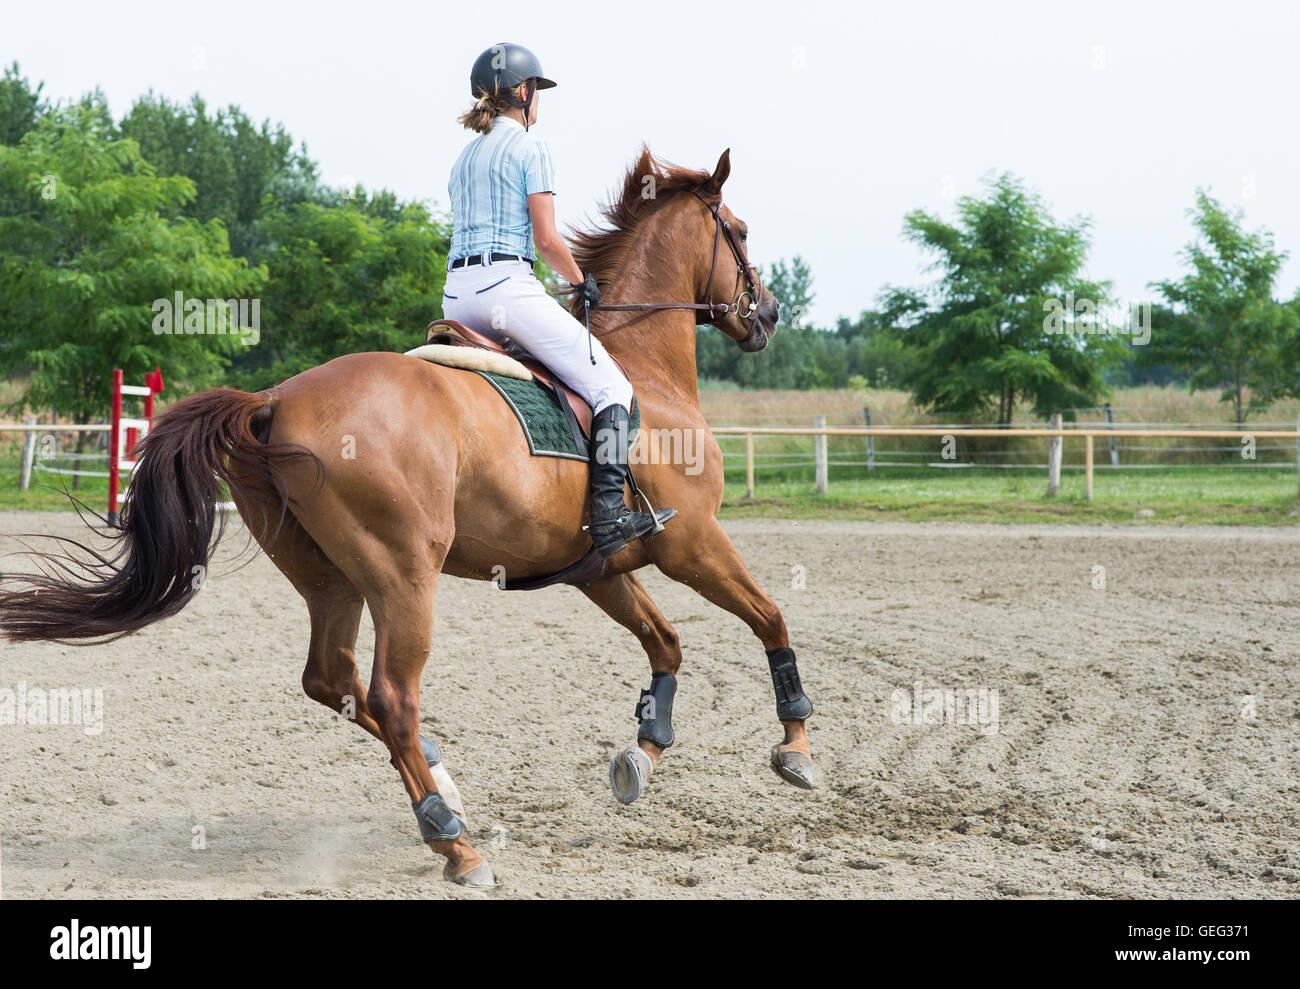 Deportes ecuestres, equitación, salto, Equitación Imagen De Stock